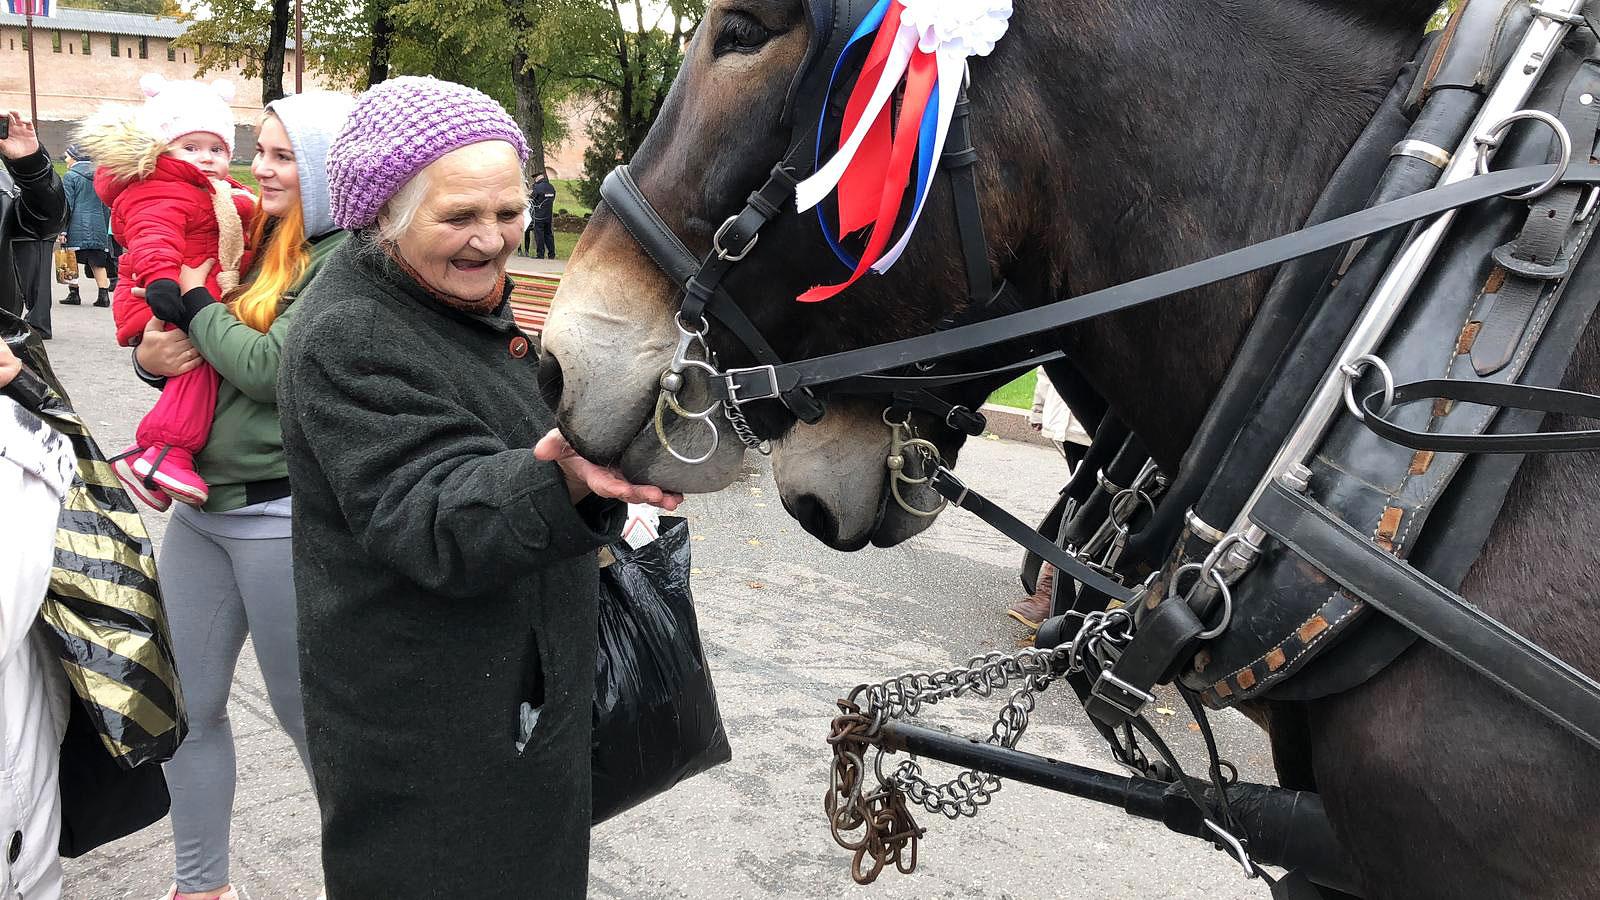 Mulis ziehen an - Titanen on tour in Weliki Nowgorod